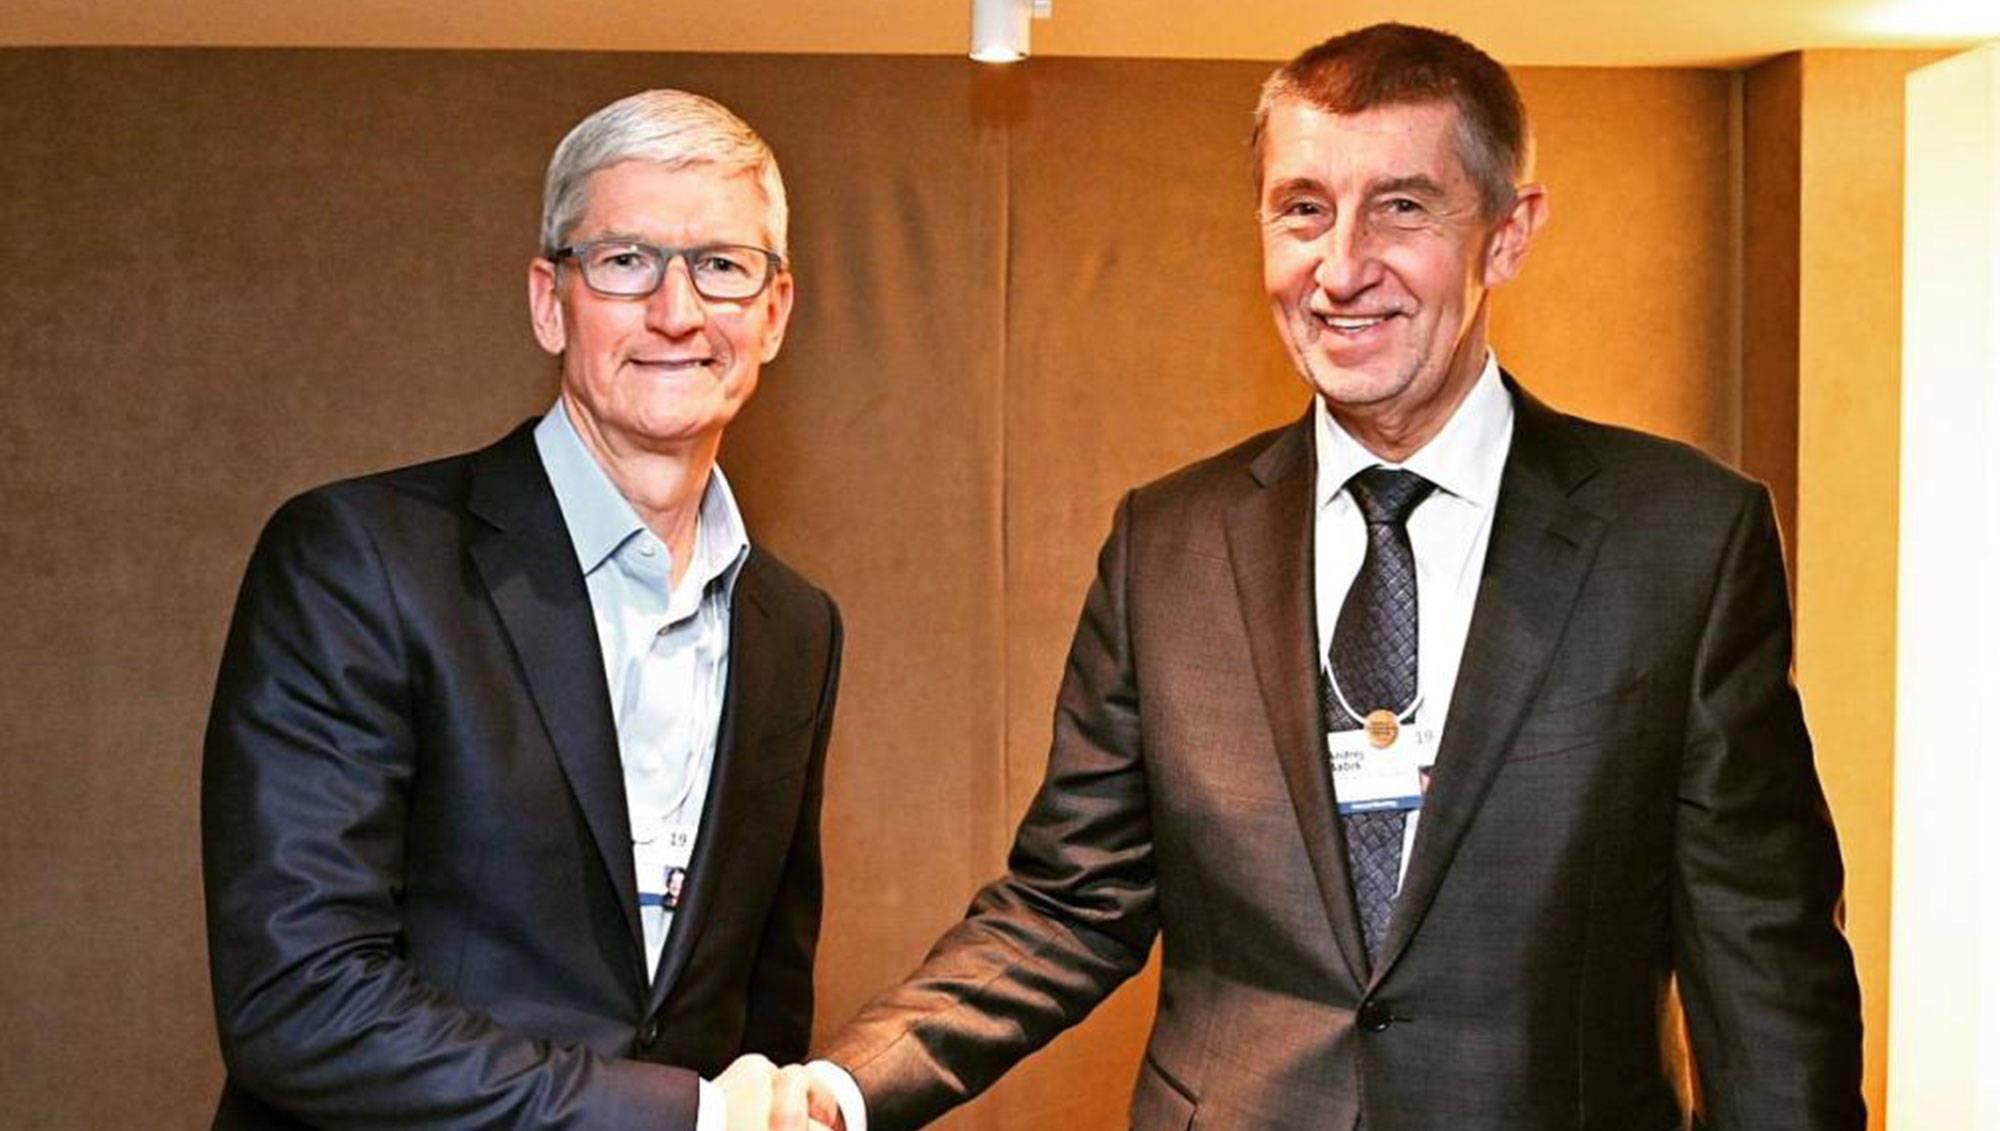 禁售风波后的橄榄枝:捷克总理邀请 Apple 在首都布拉格开店